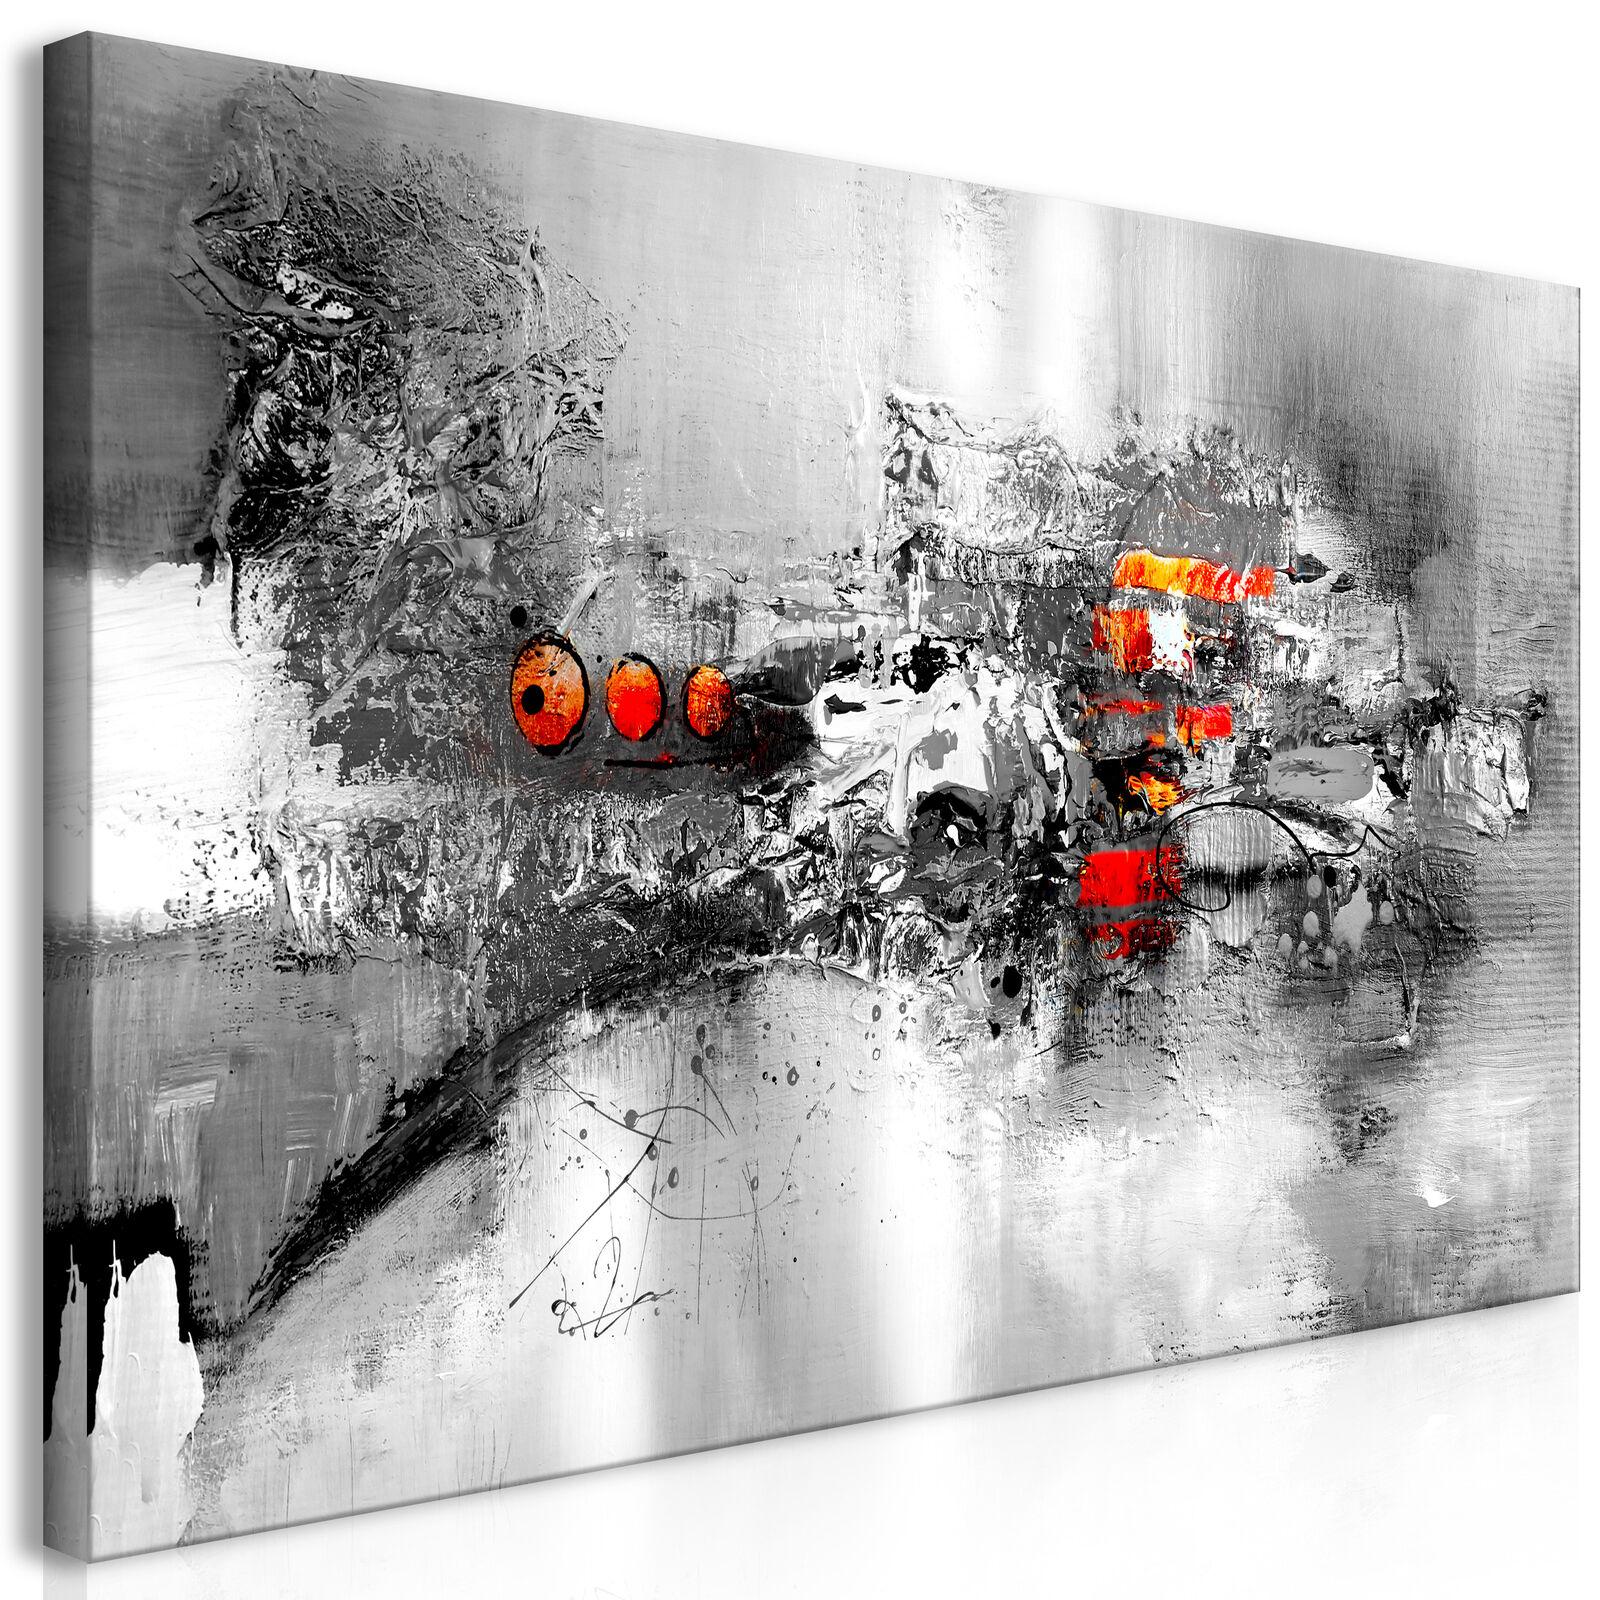 Wandbilder xxl Abstrakt Bilder auf Vlies Leinwand Leinwandbilder a-A-0472-b-a